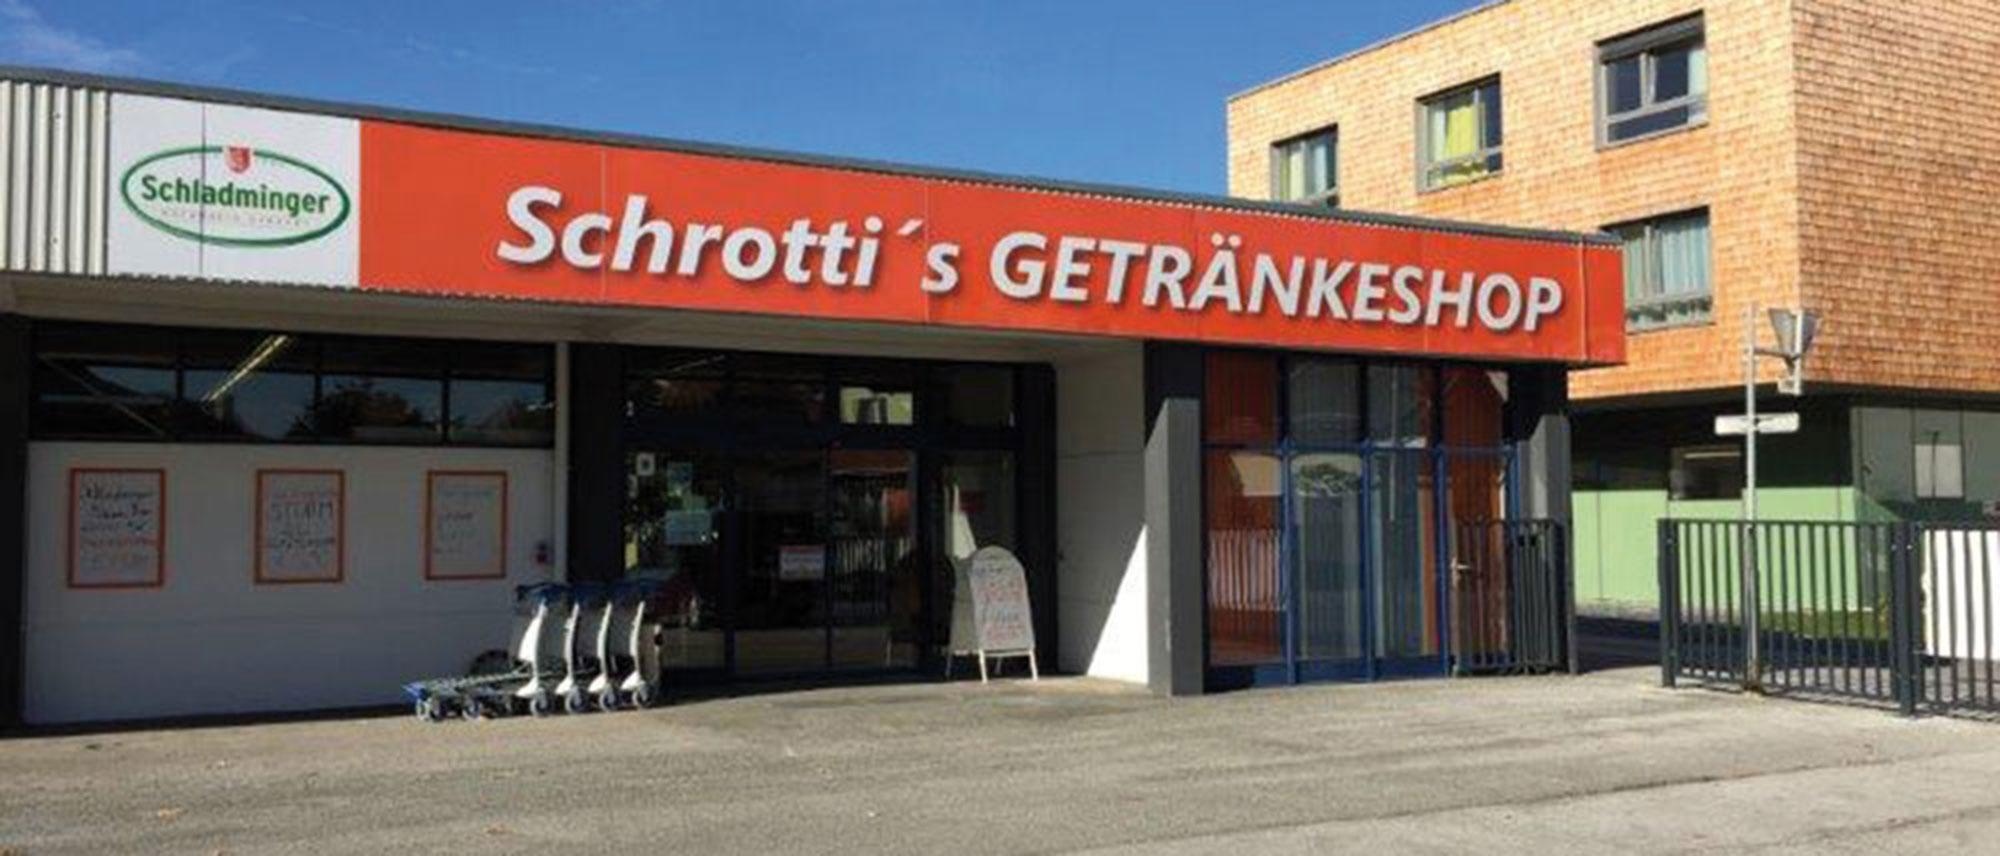 Getränkeshops - Schrotti\'s Getränkeshop in Stainach und Schladming